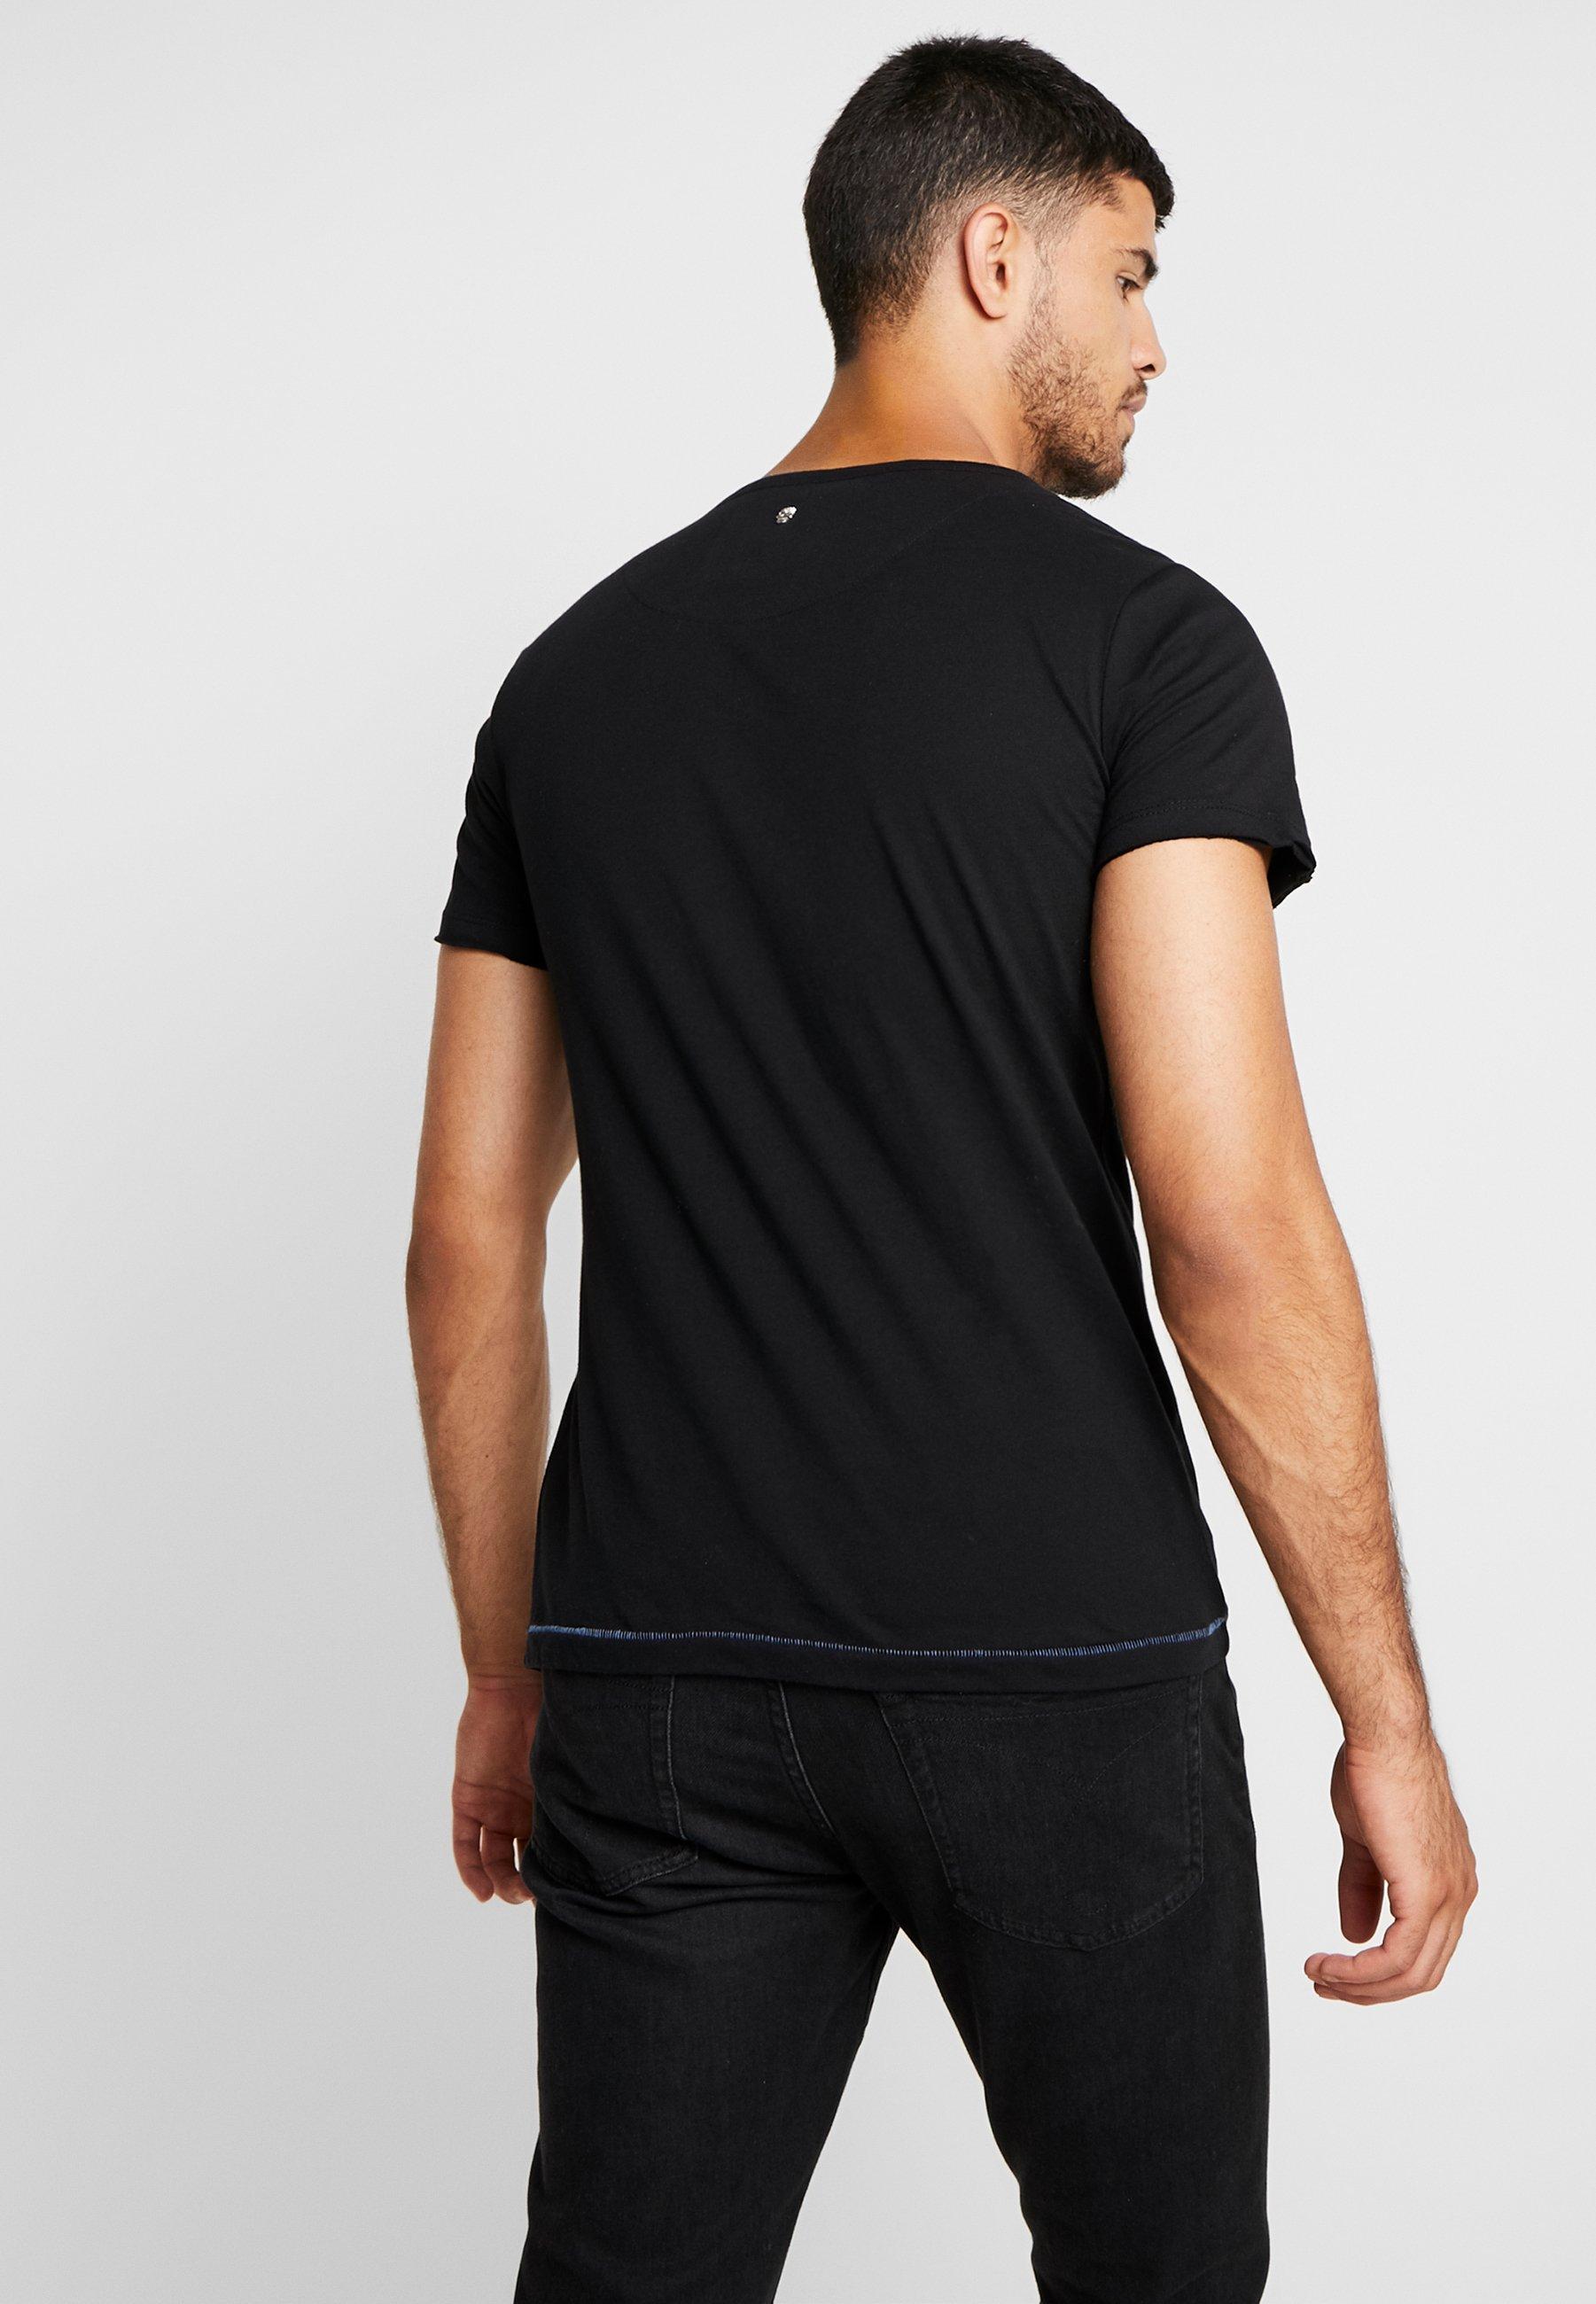 shirt Imprimé Key RoundT Moustache Largo Black yb7Yfg6v